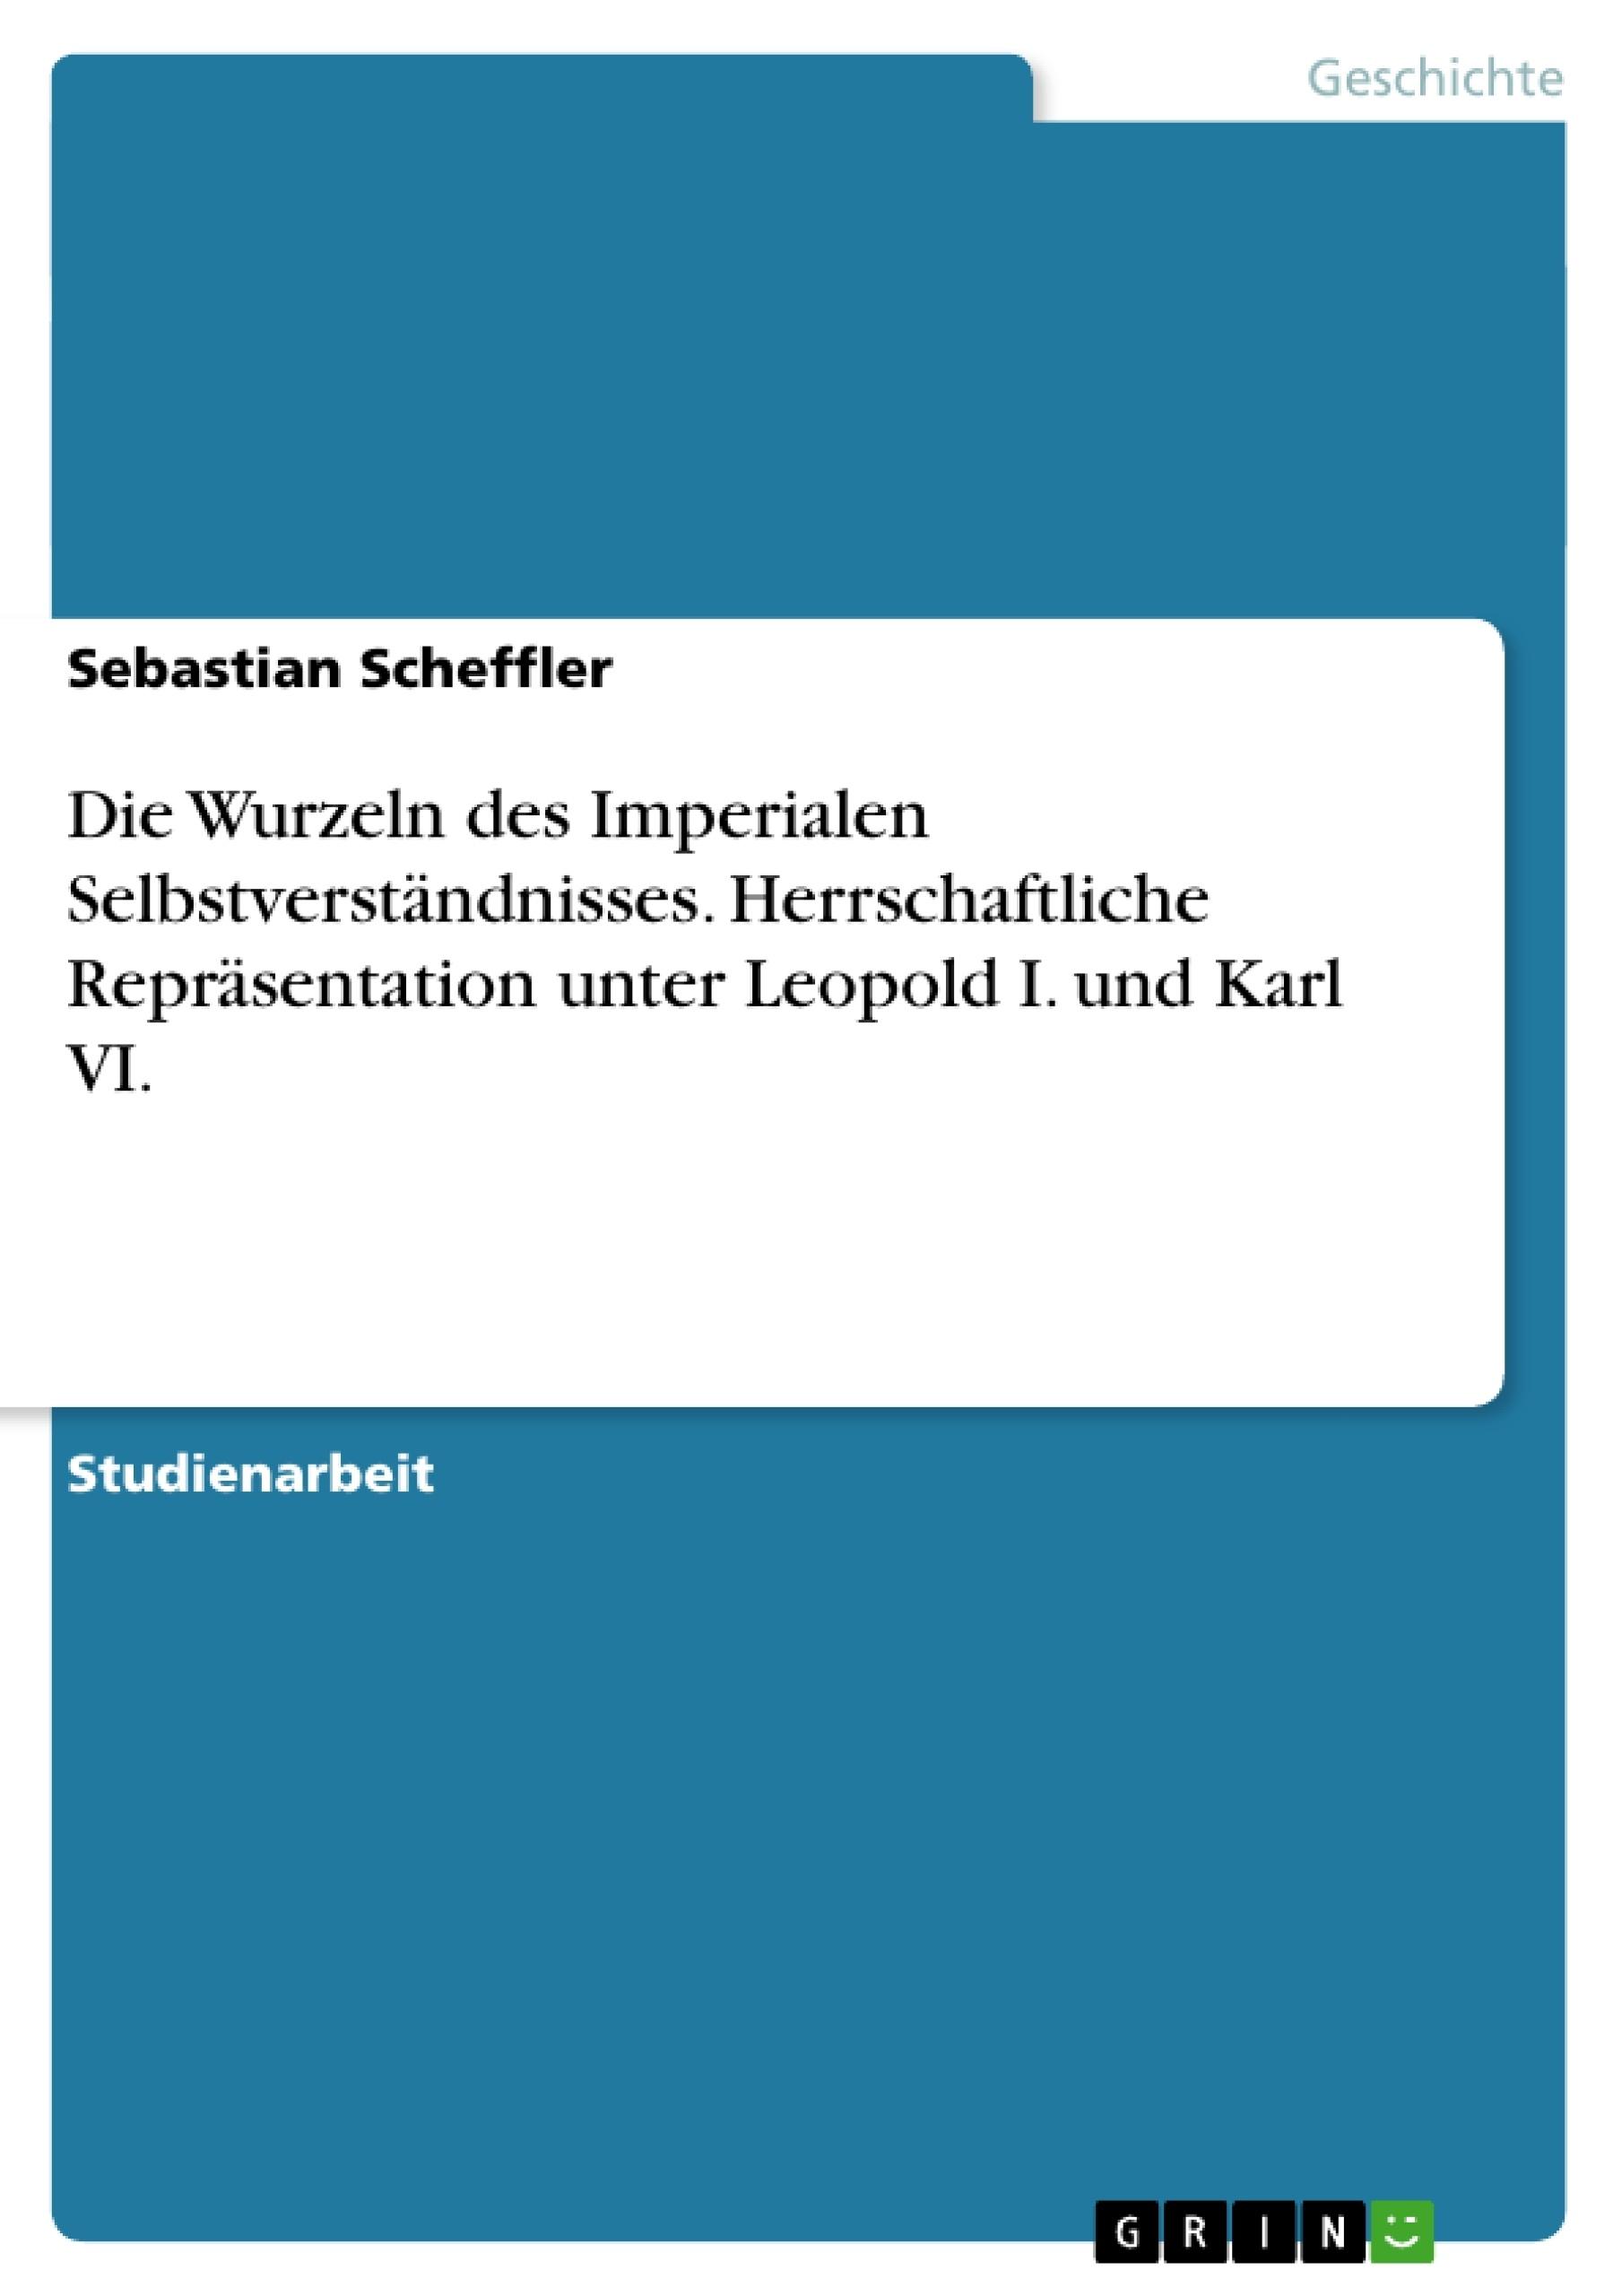 Titel: Die Wurzeln des Imperialen Selbstverständnisses. Herrschaftliche Repräsentation unter Leopold I. und Karl VI.